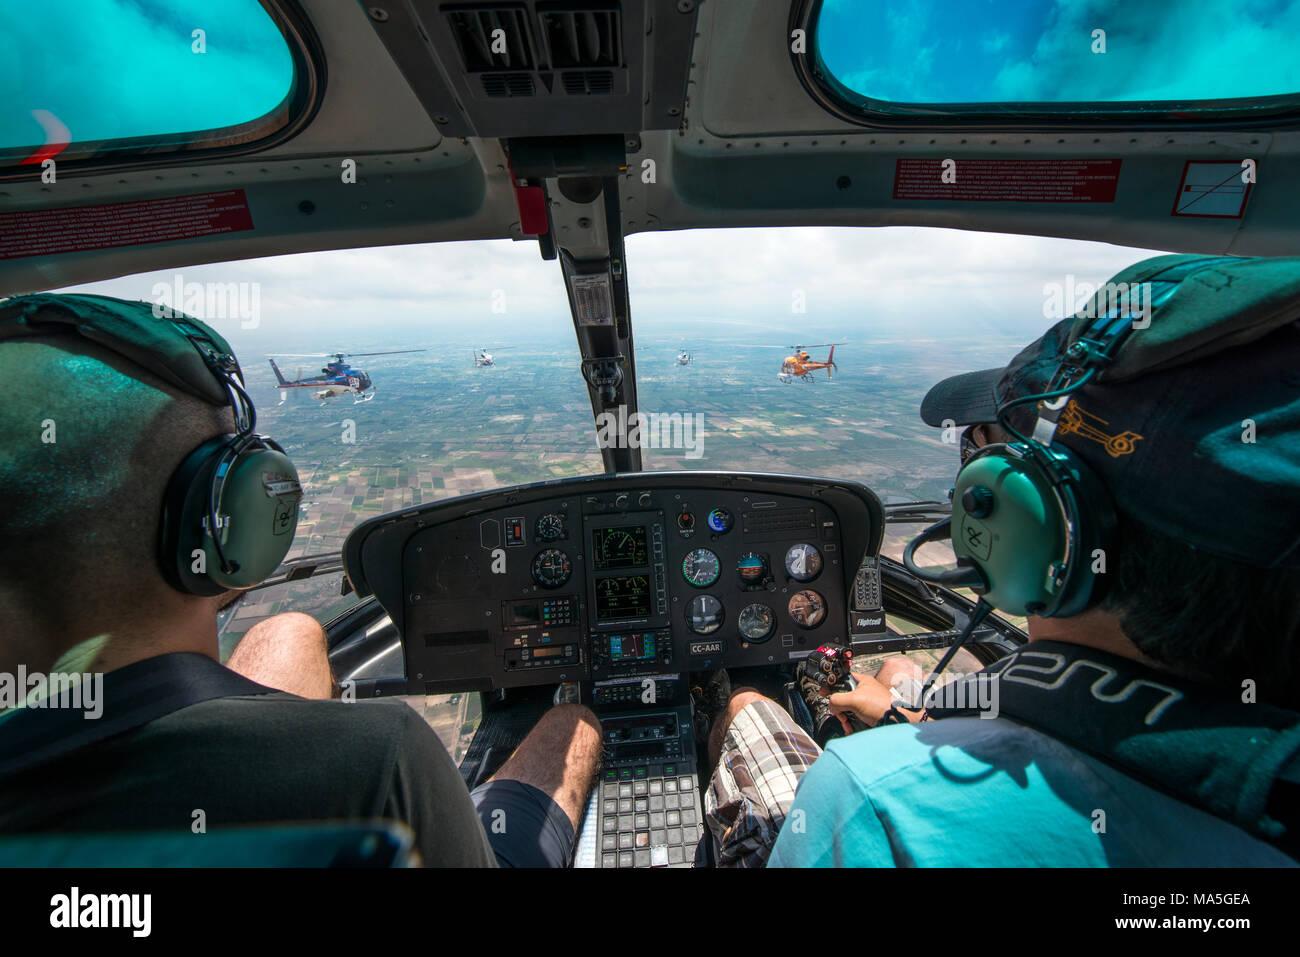 tourn en intrieur airbus vol hlicoptre eurocopter as350 montrant cockpit avec pilote et le passager en vol battant entre une flotte de plusieurs heli